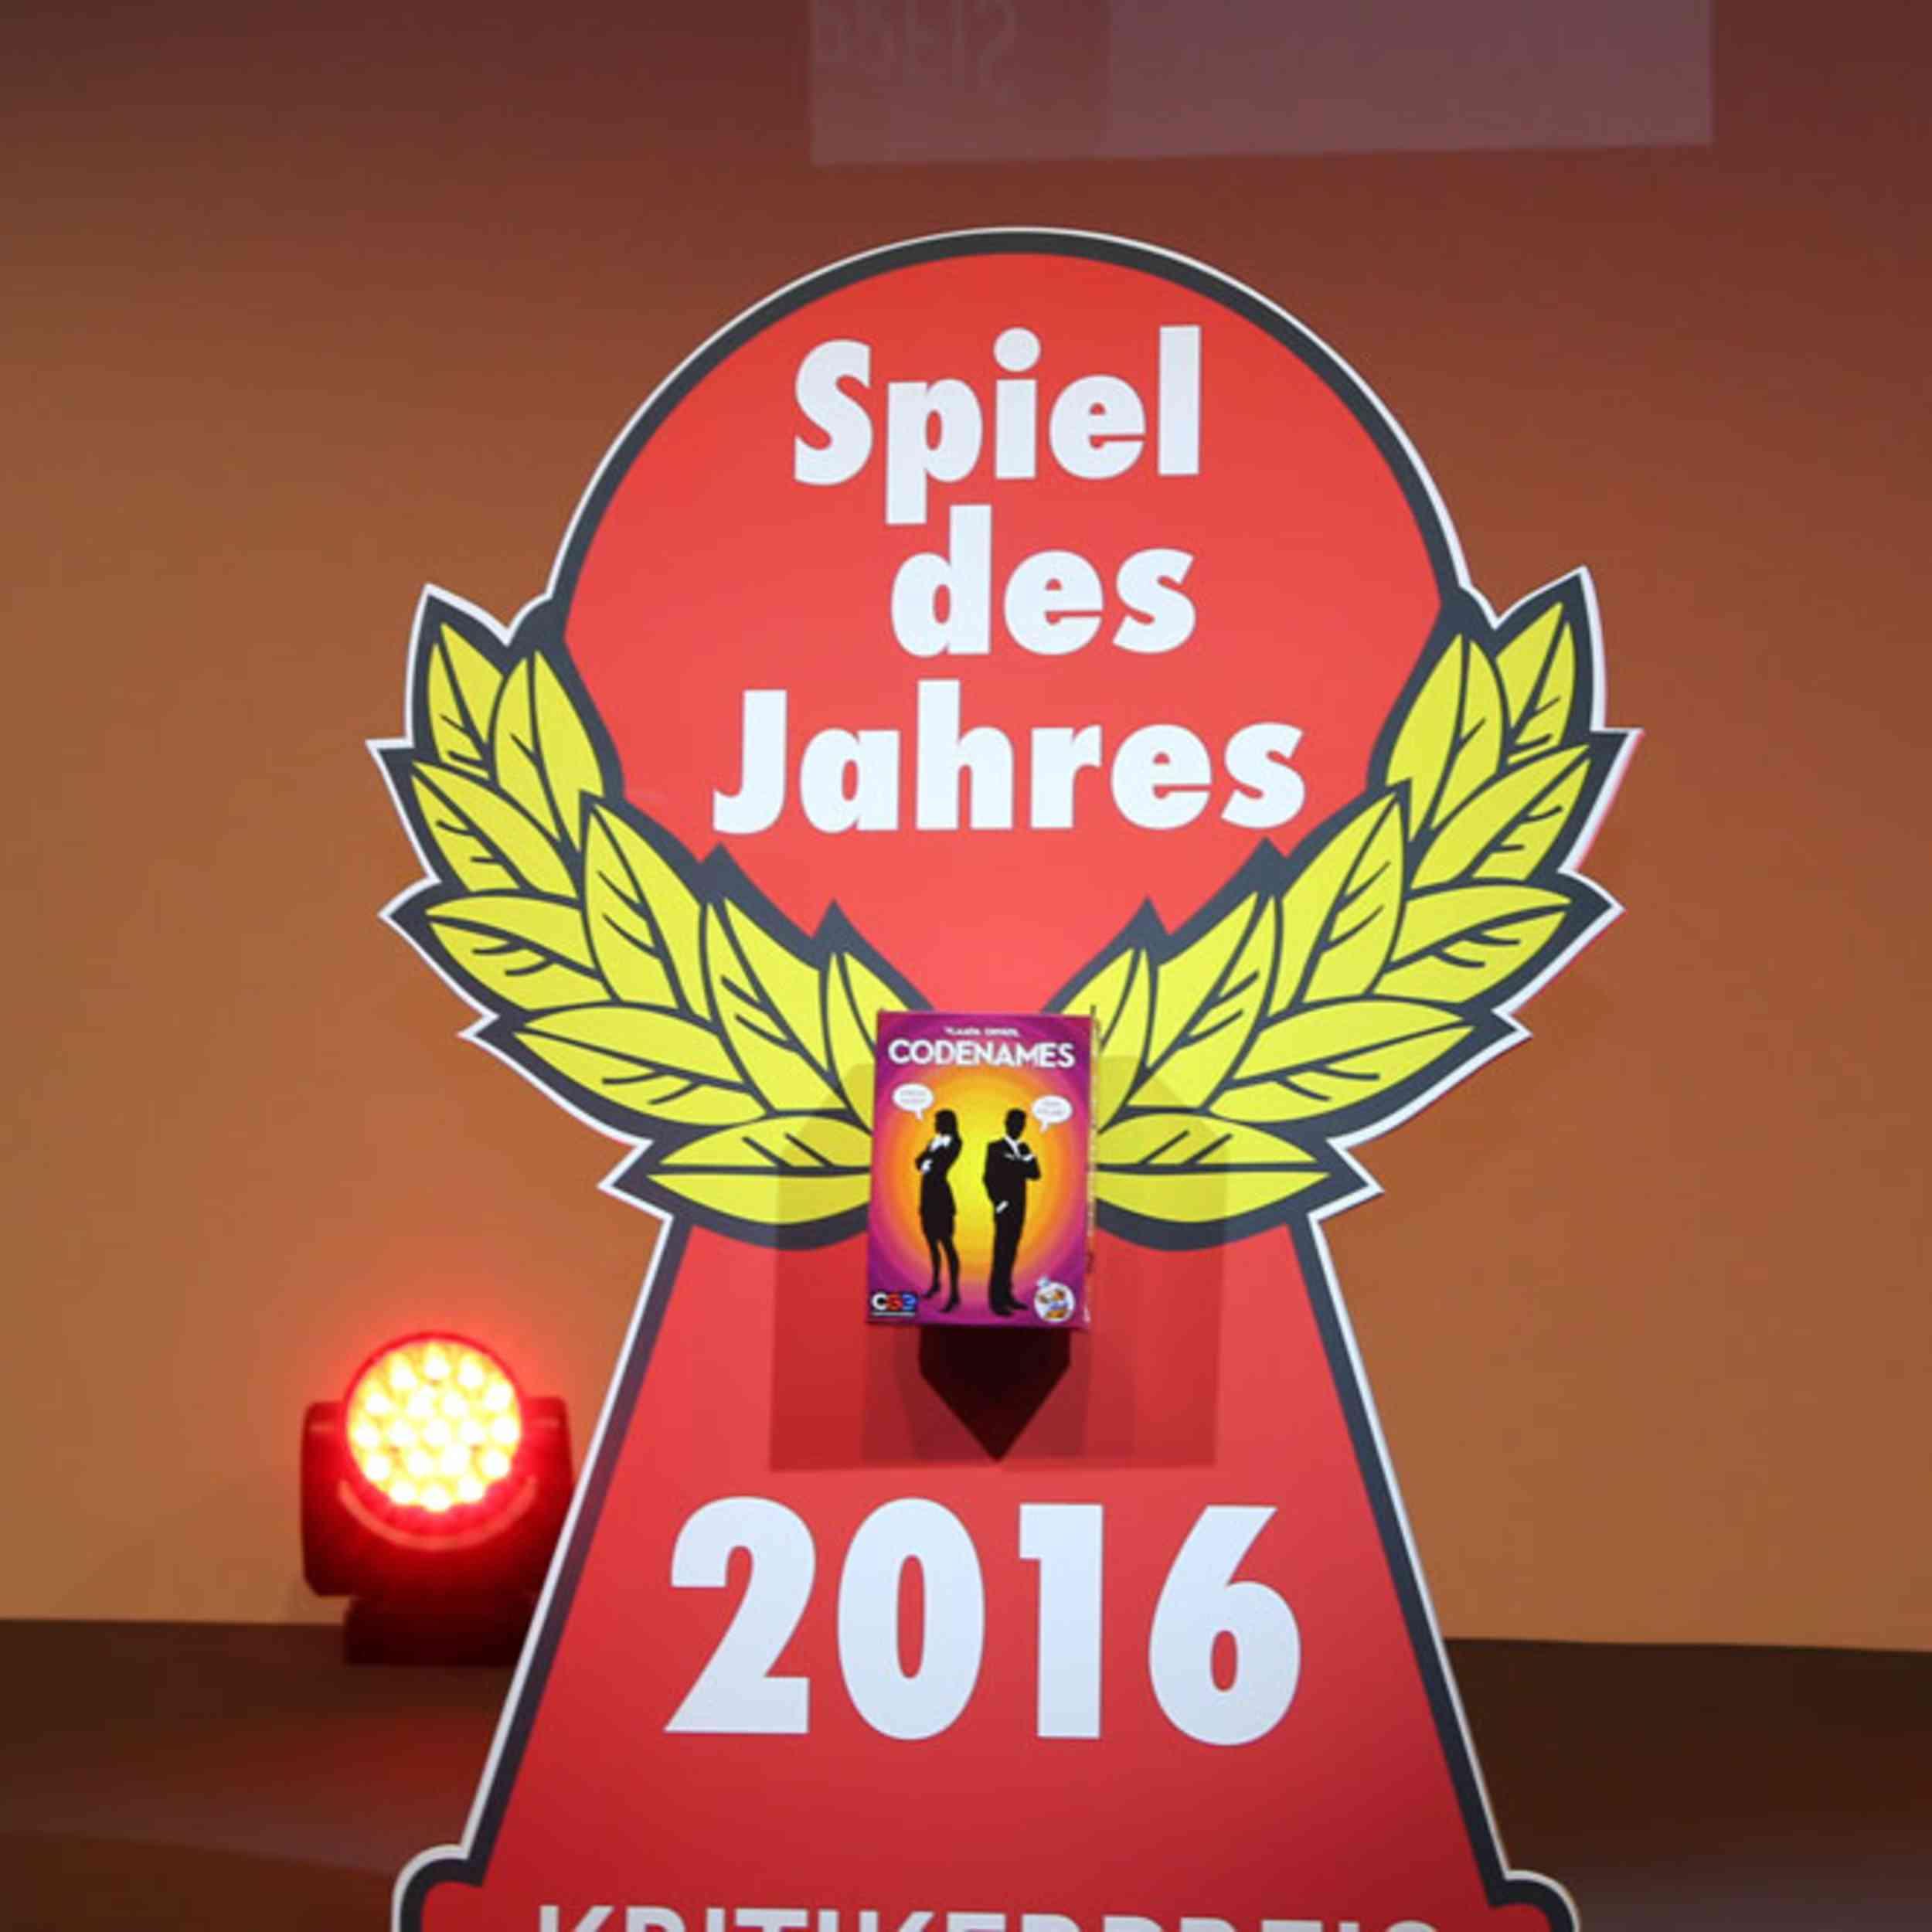 Beim Spiel des Jahres: Innovative Brettspiele hatten keine Chance zu gewinnen | WIRED Germany